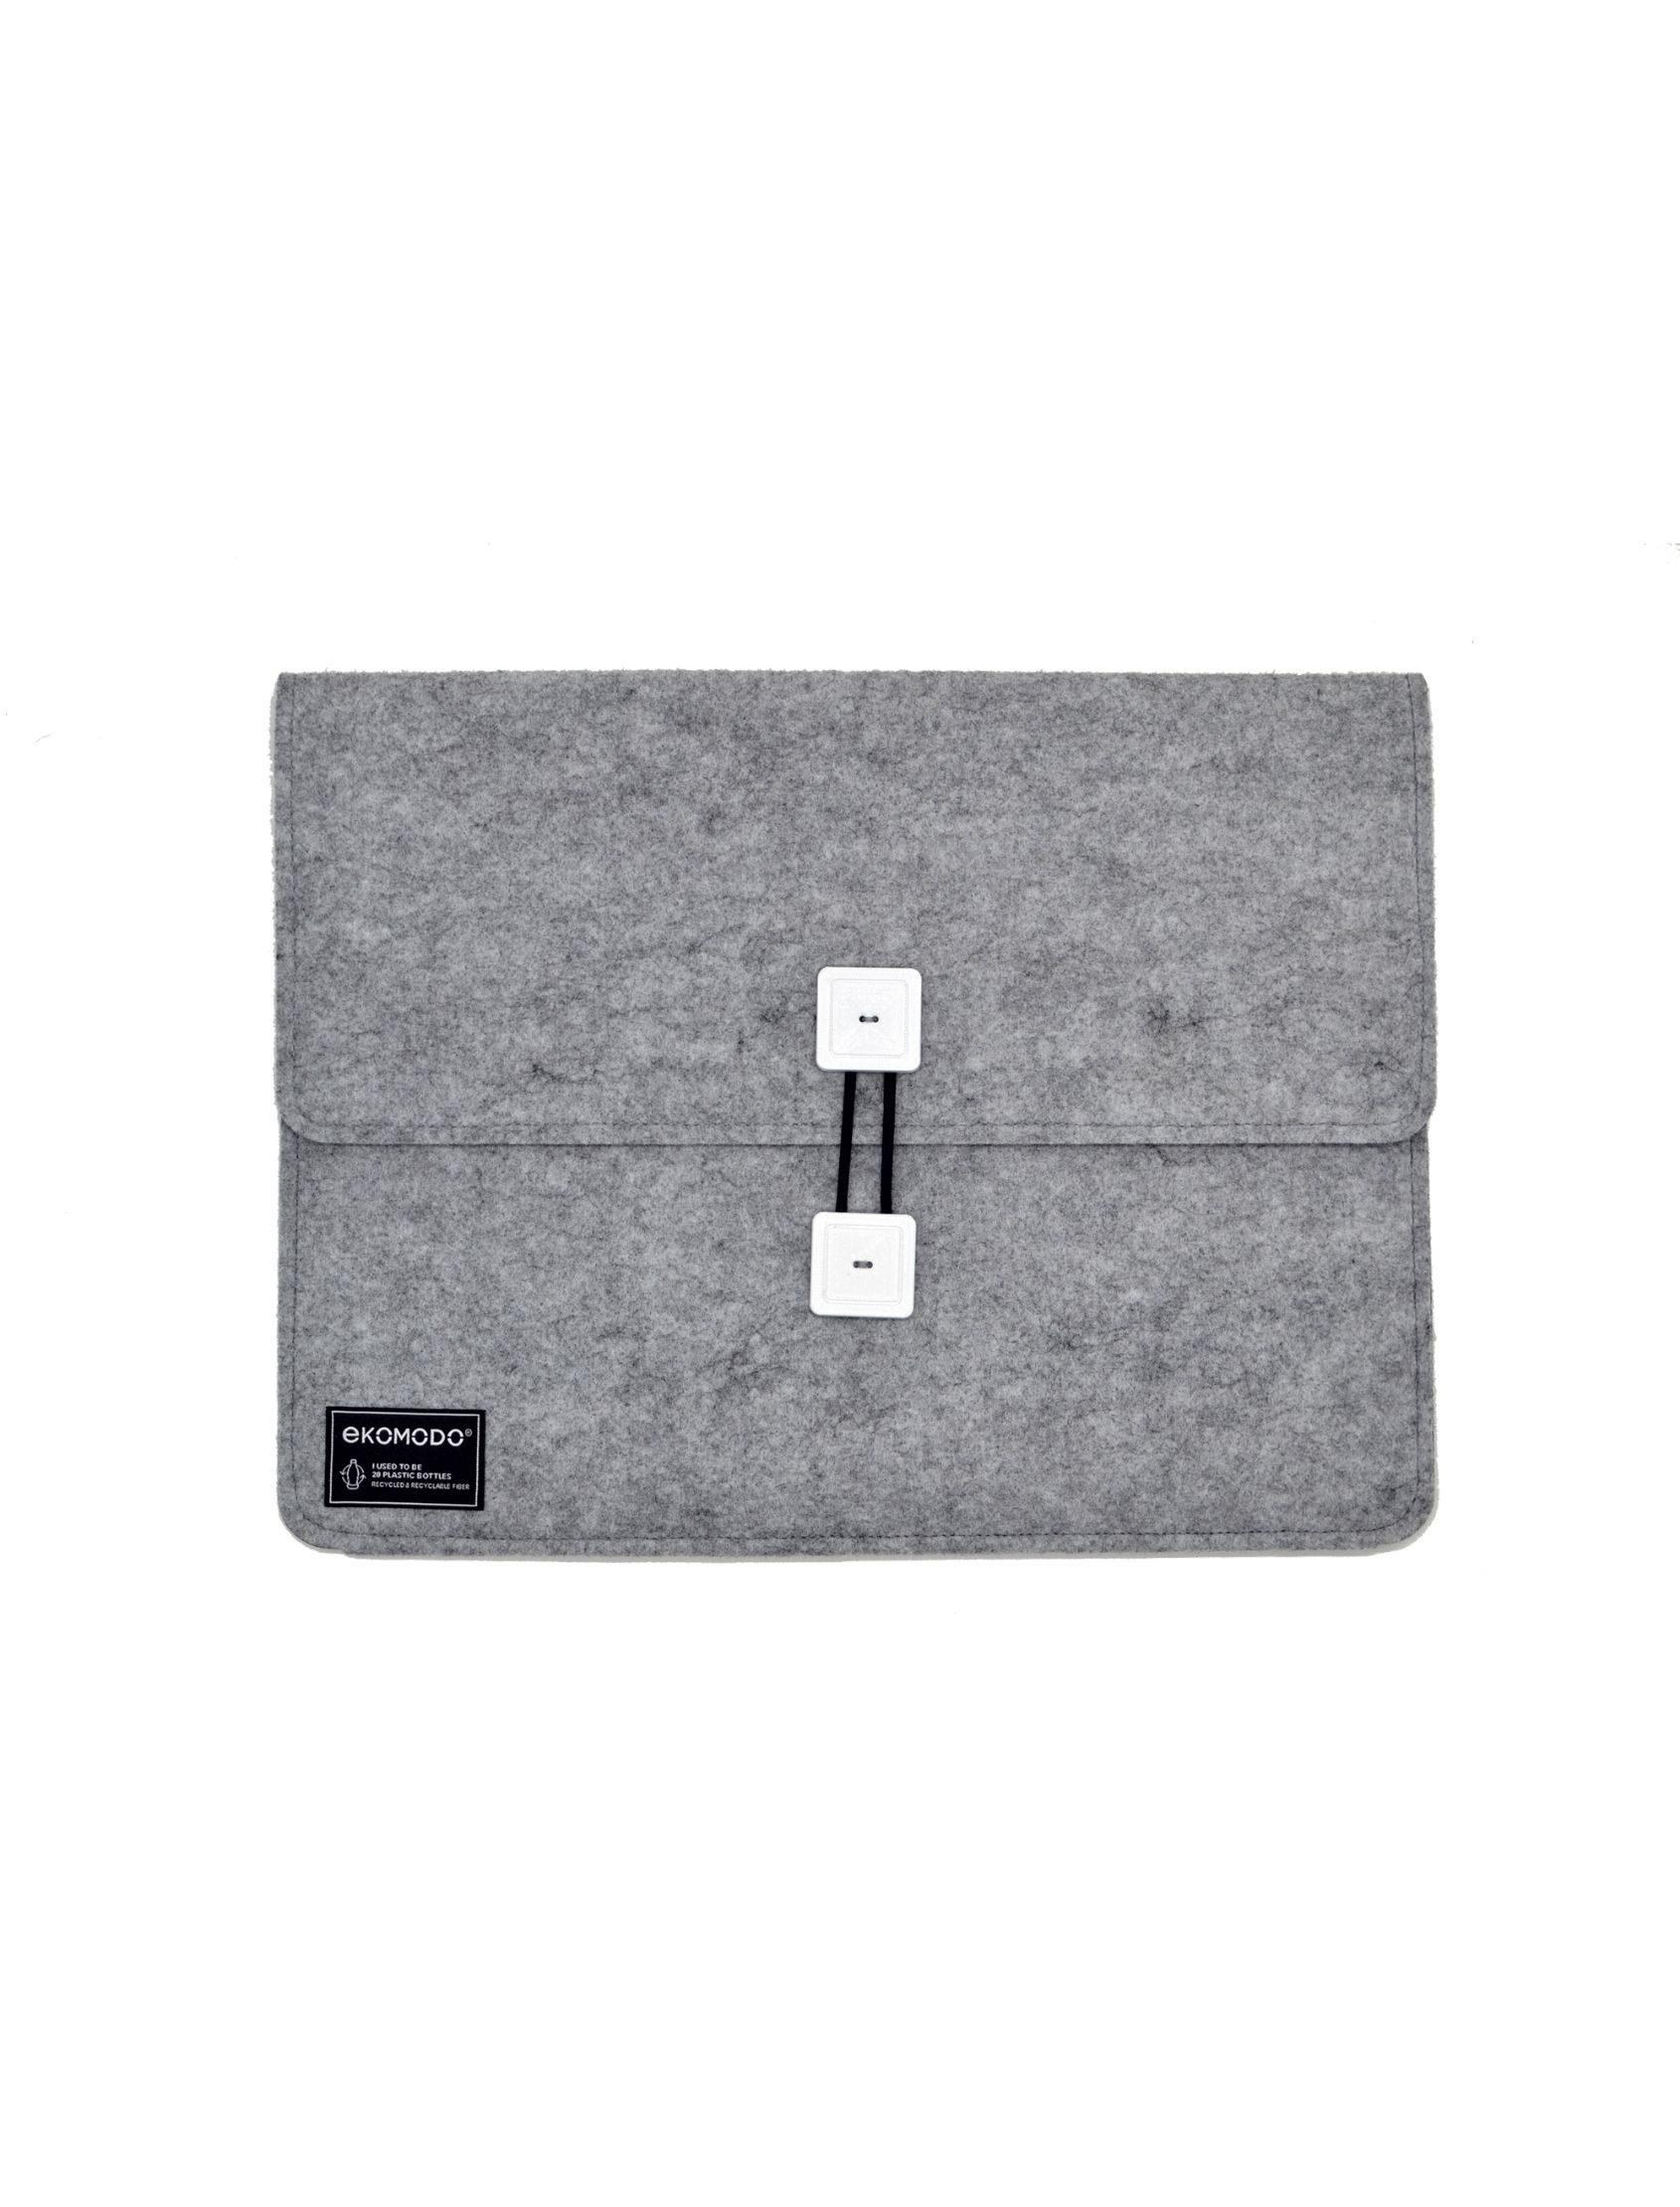 funda bat regular en gris con botones blancos de tejido reciclado para documentos, portátil, libros...